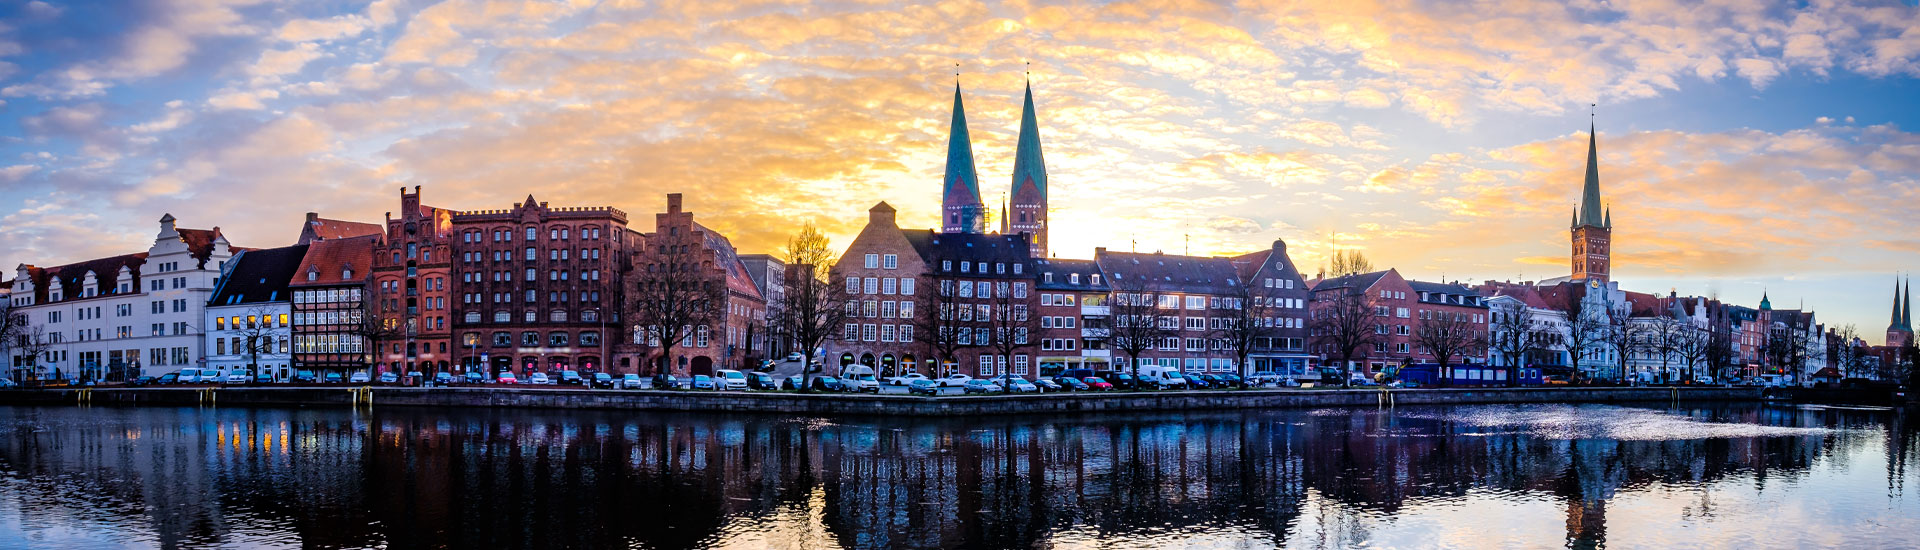 Lübeck-Logistikunternehmen